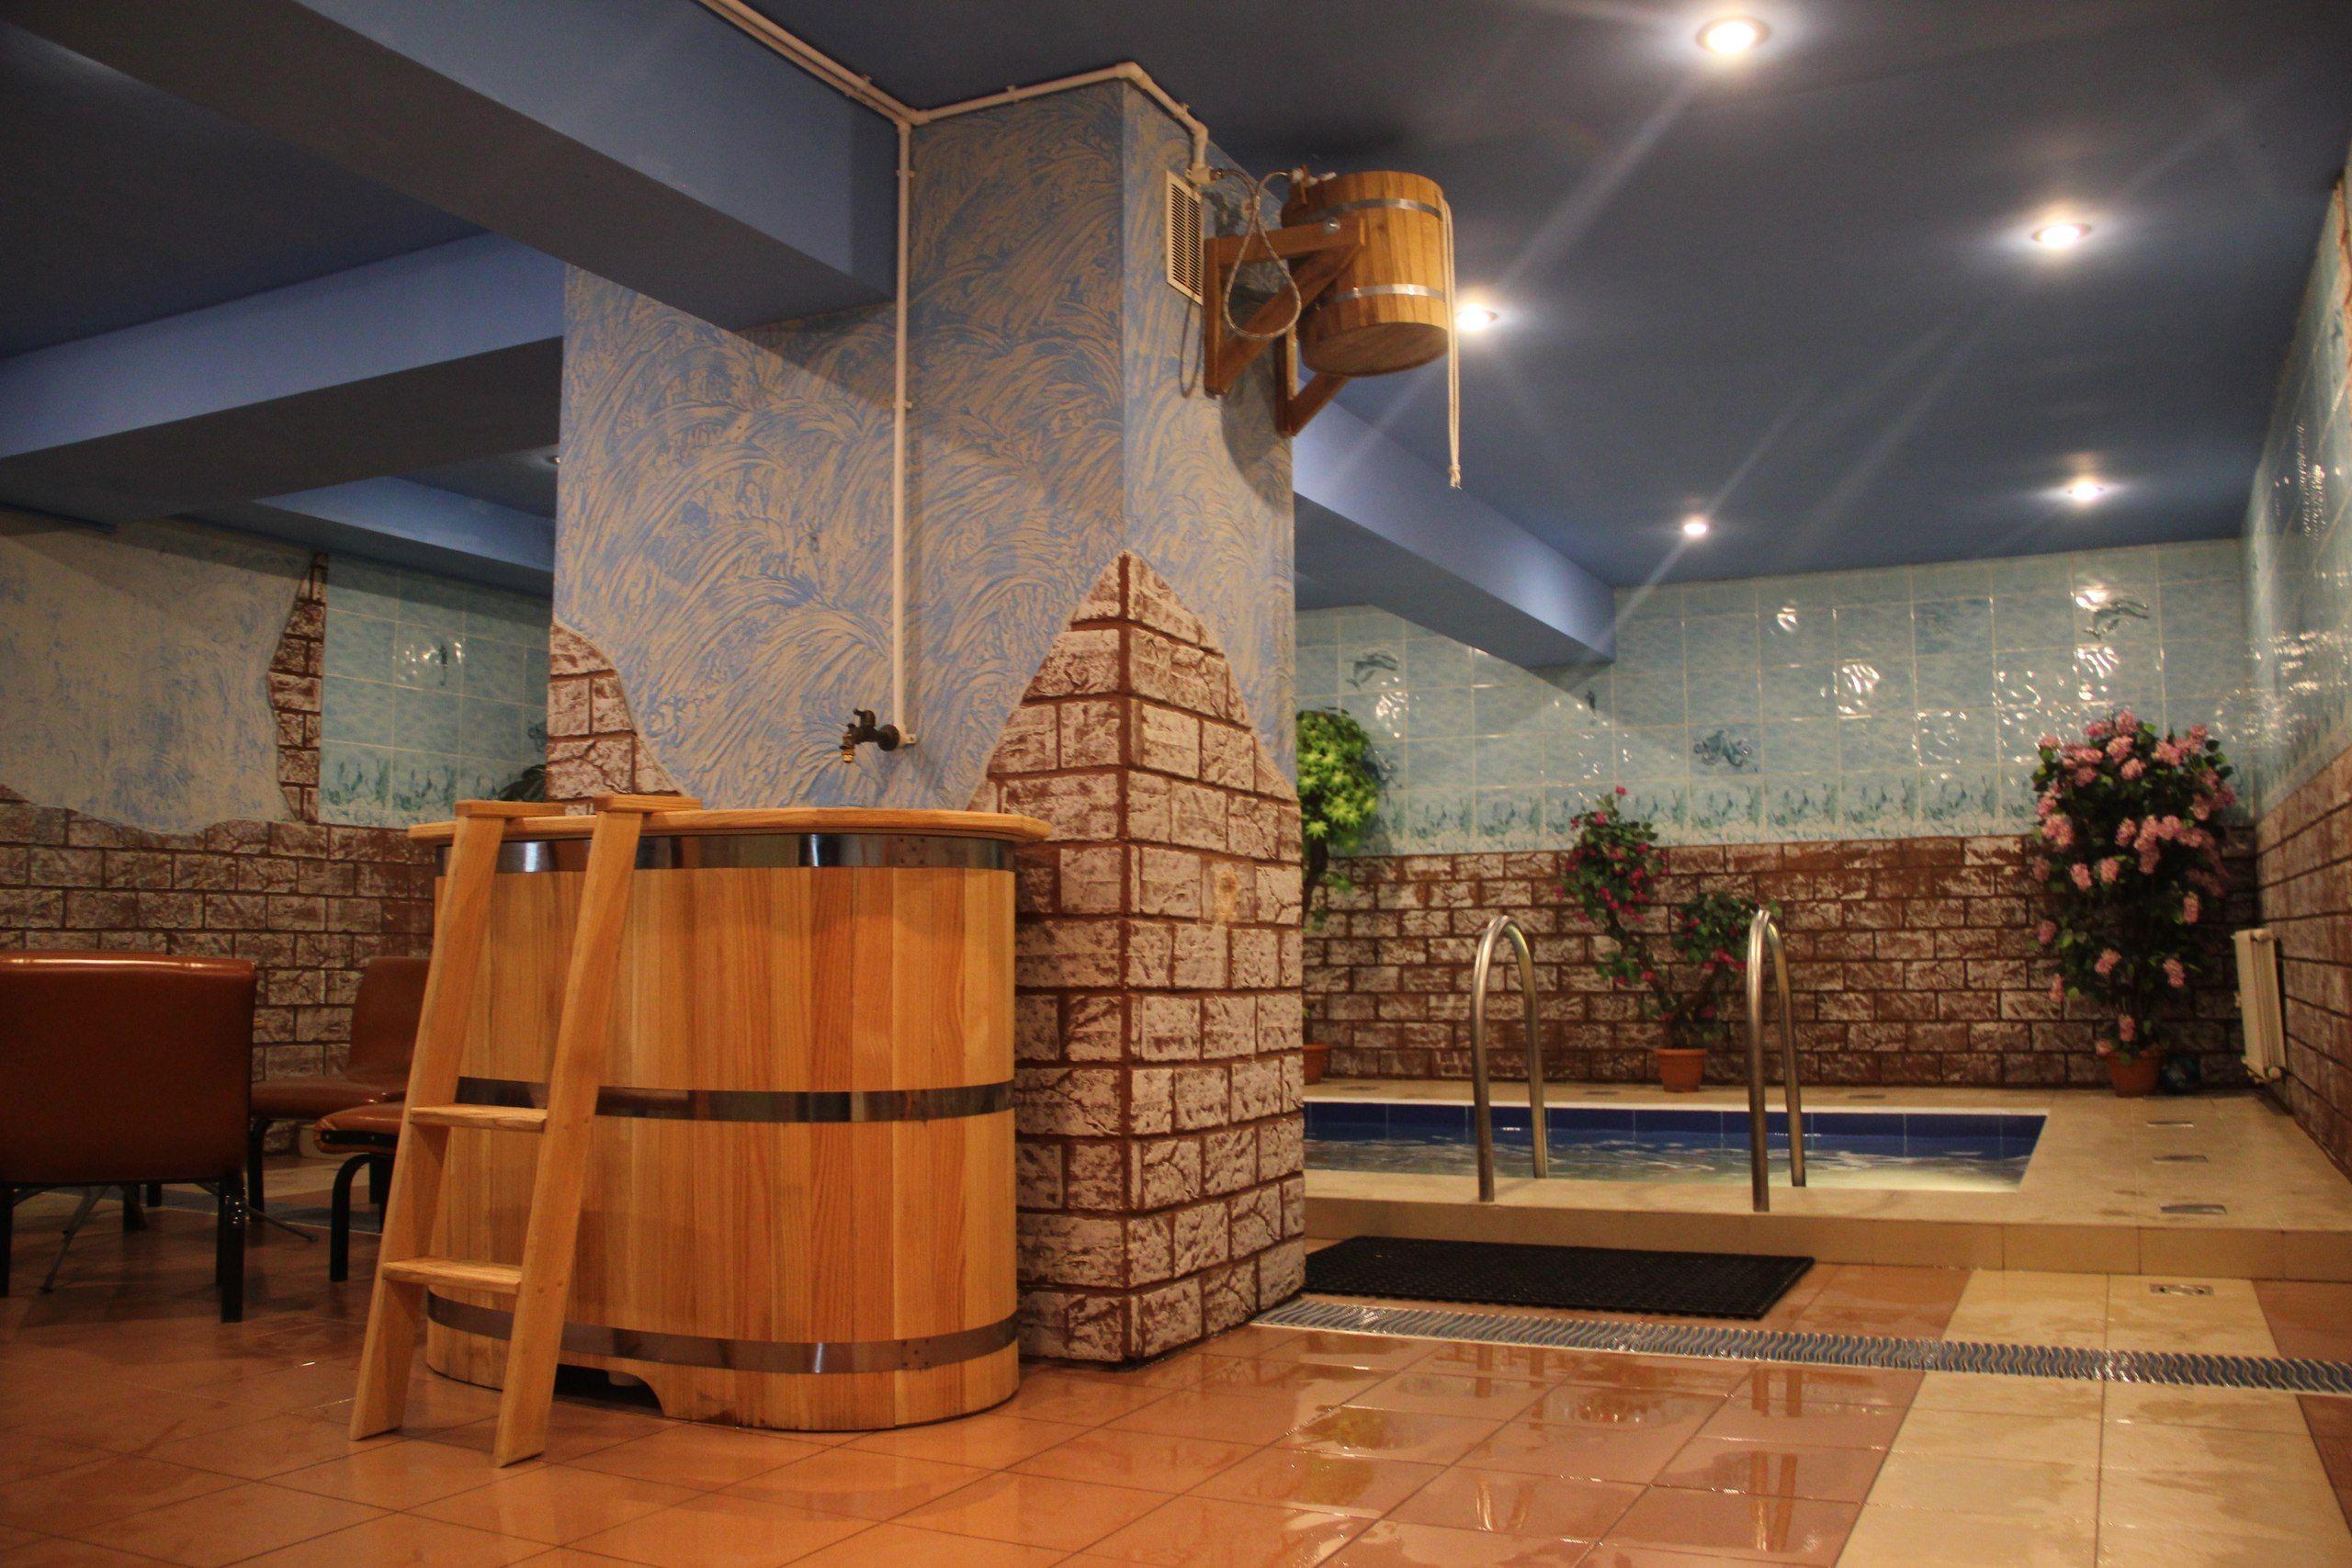 Najbolje kupke i saune u Sankt Peterburgu u 2020